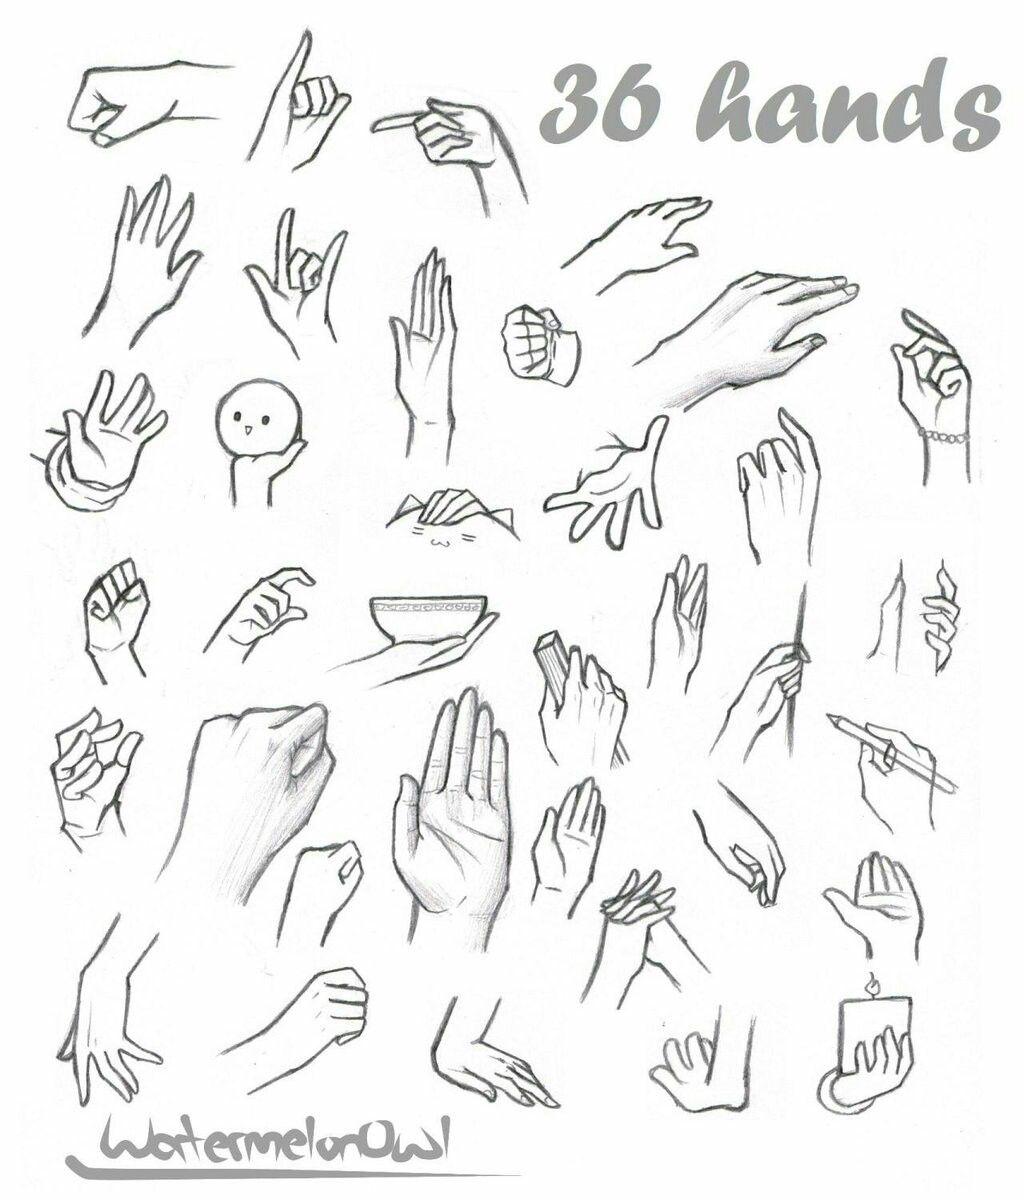 Pin de Fai Kanin em Drawing hands Como desenhar mãos